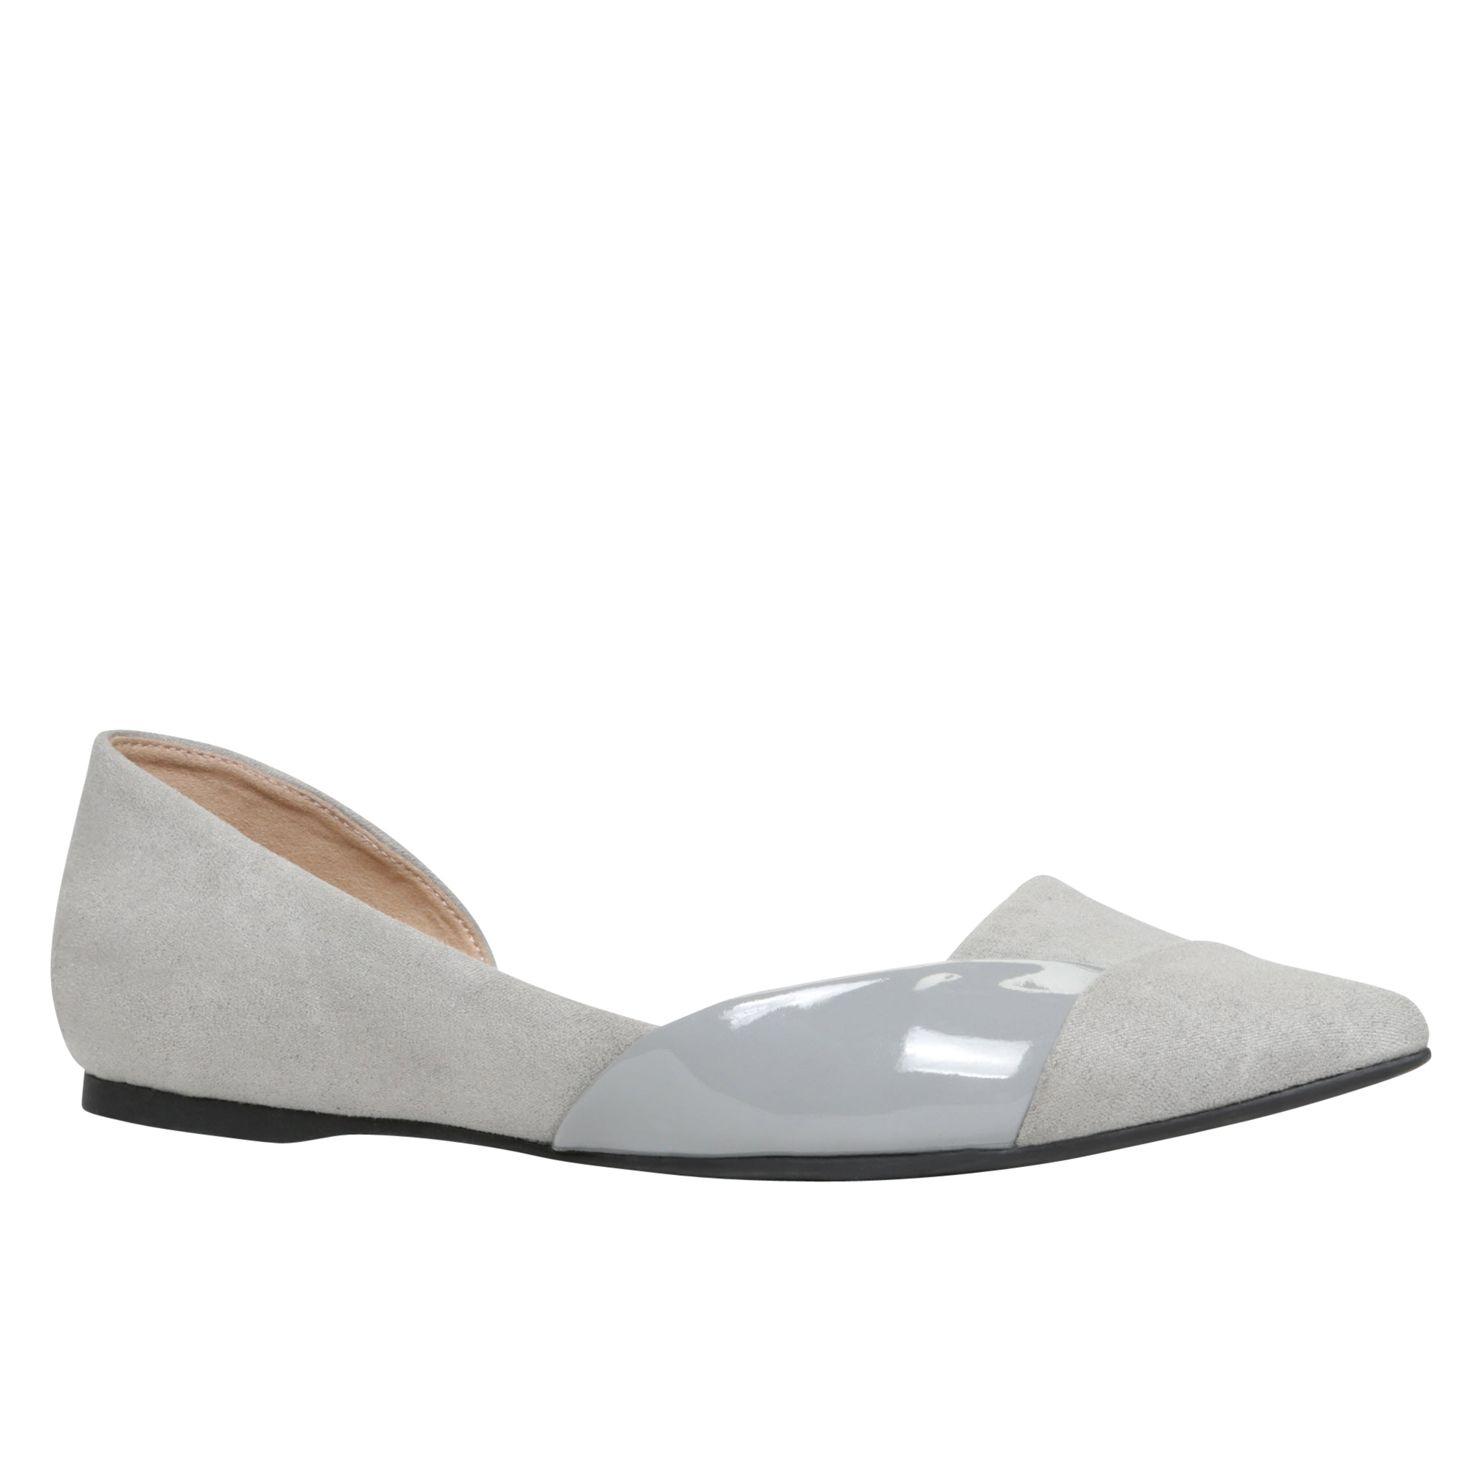 Παπούτσια online από το ηλεκτρονικό κατάστημα της NAK Shoes για κάθε περίσταση. Ασυναγώνιστη ποιότητα σε γυναικεία, ανδρικά και παιδικά παπούτσια.